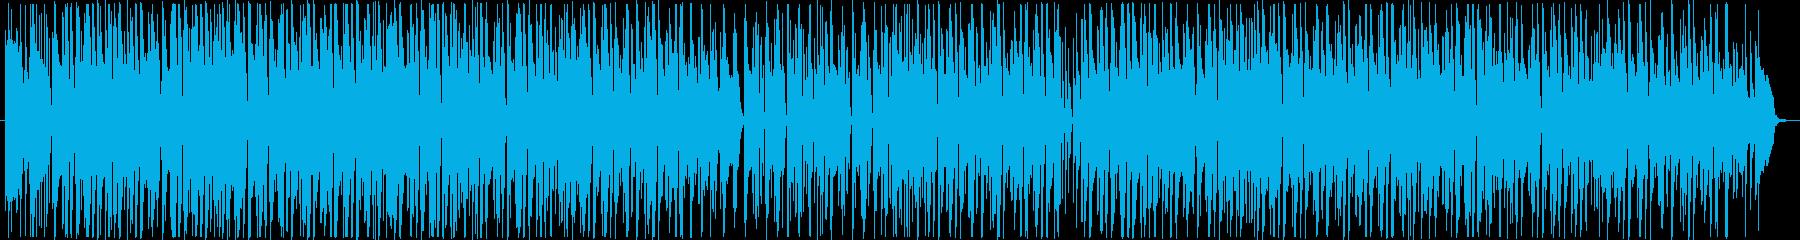 アイランド-カリブ-スチールドラム...の再生済みの波形